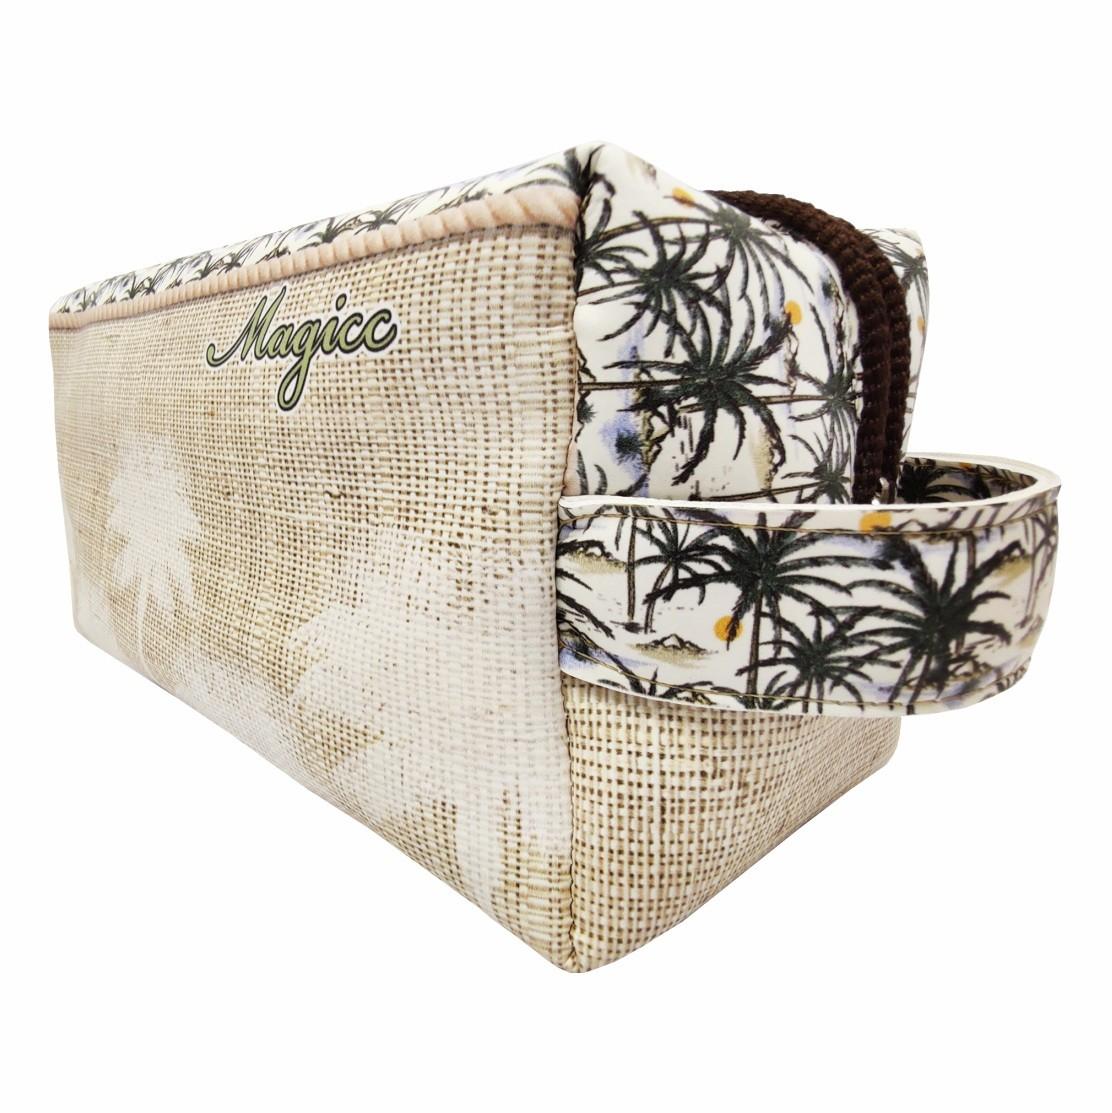 Kit Tropical Feminino Coqueiros Palha com Bolsa, Necessaire e Chinelo, Magicc